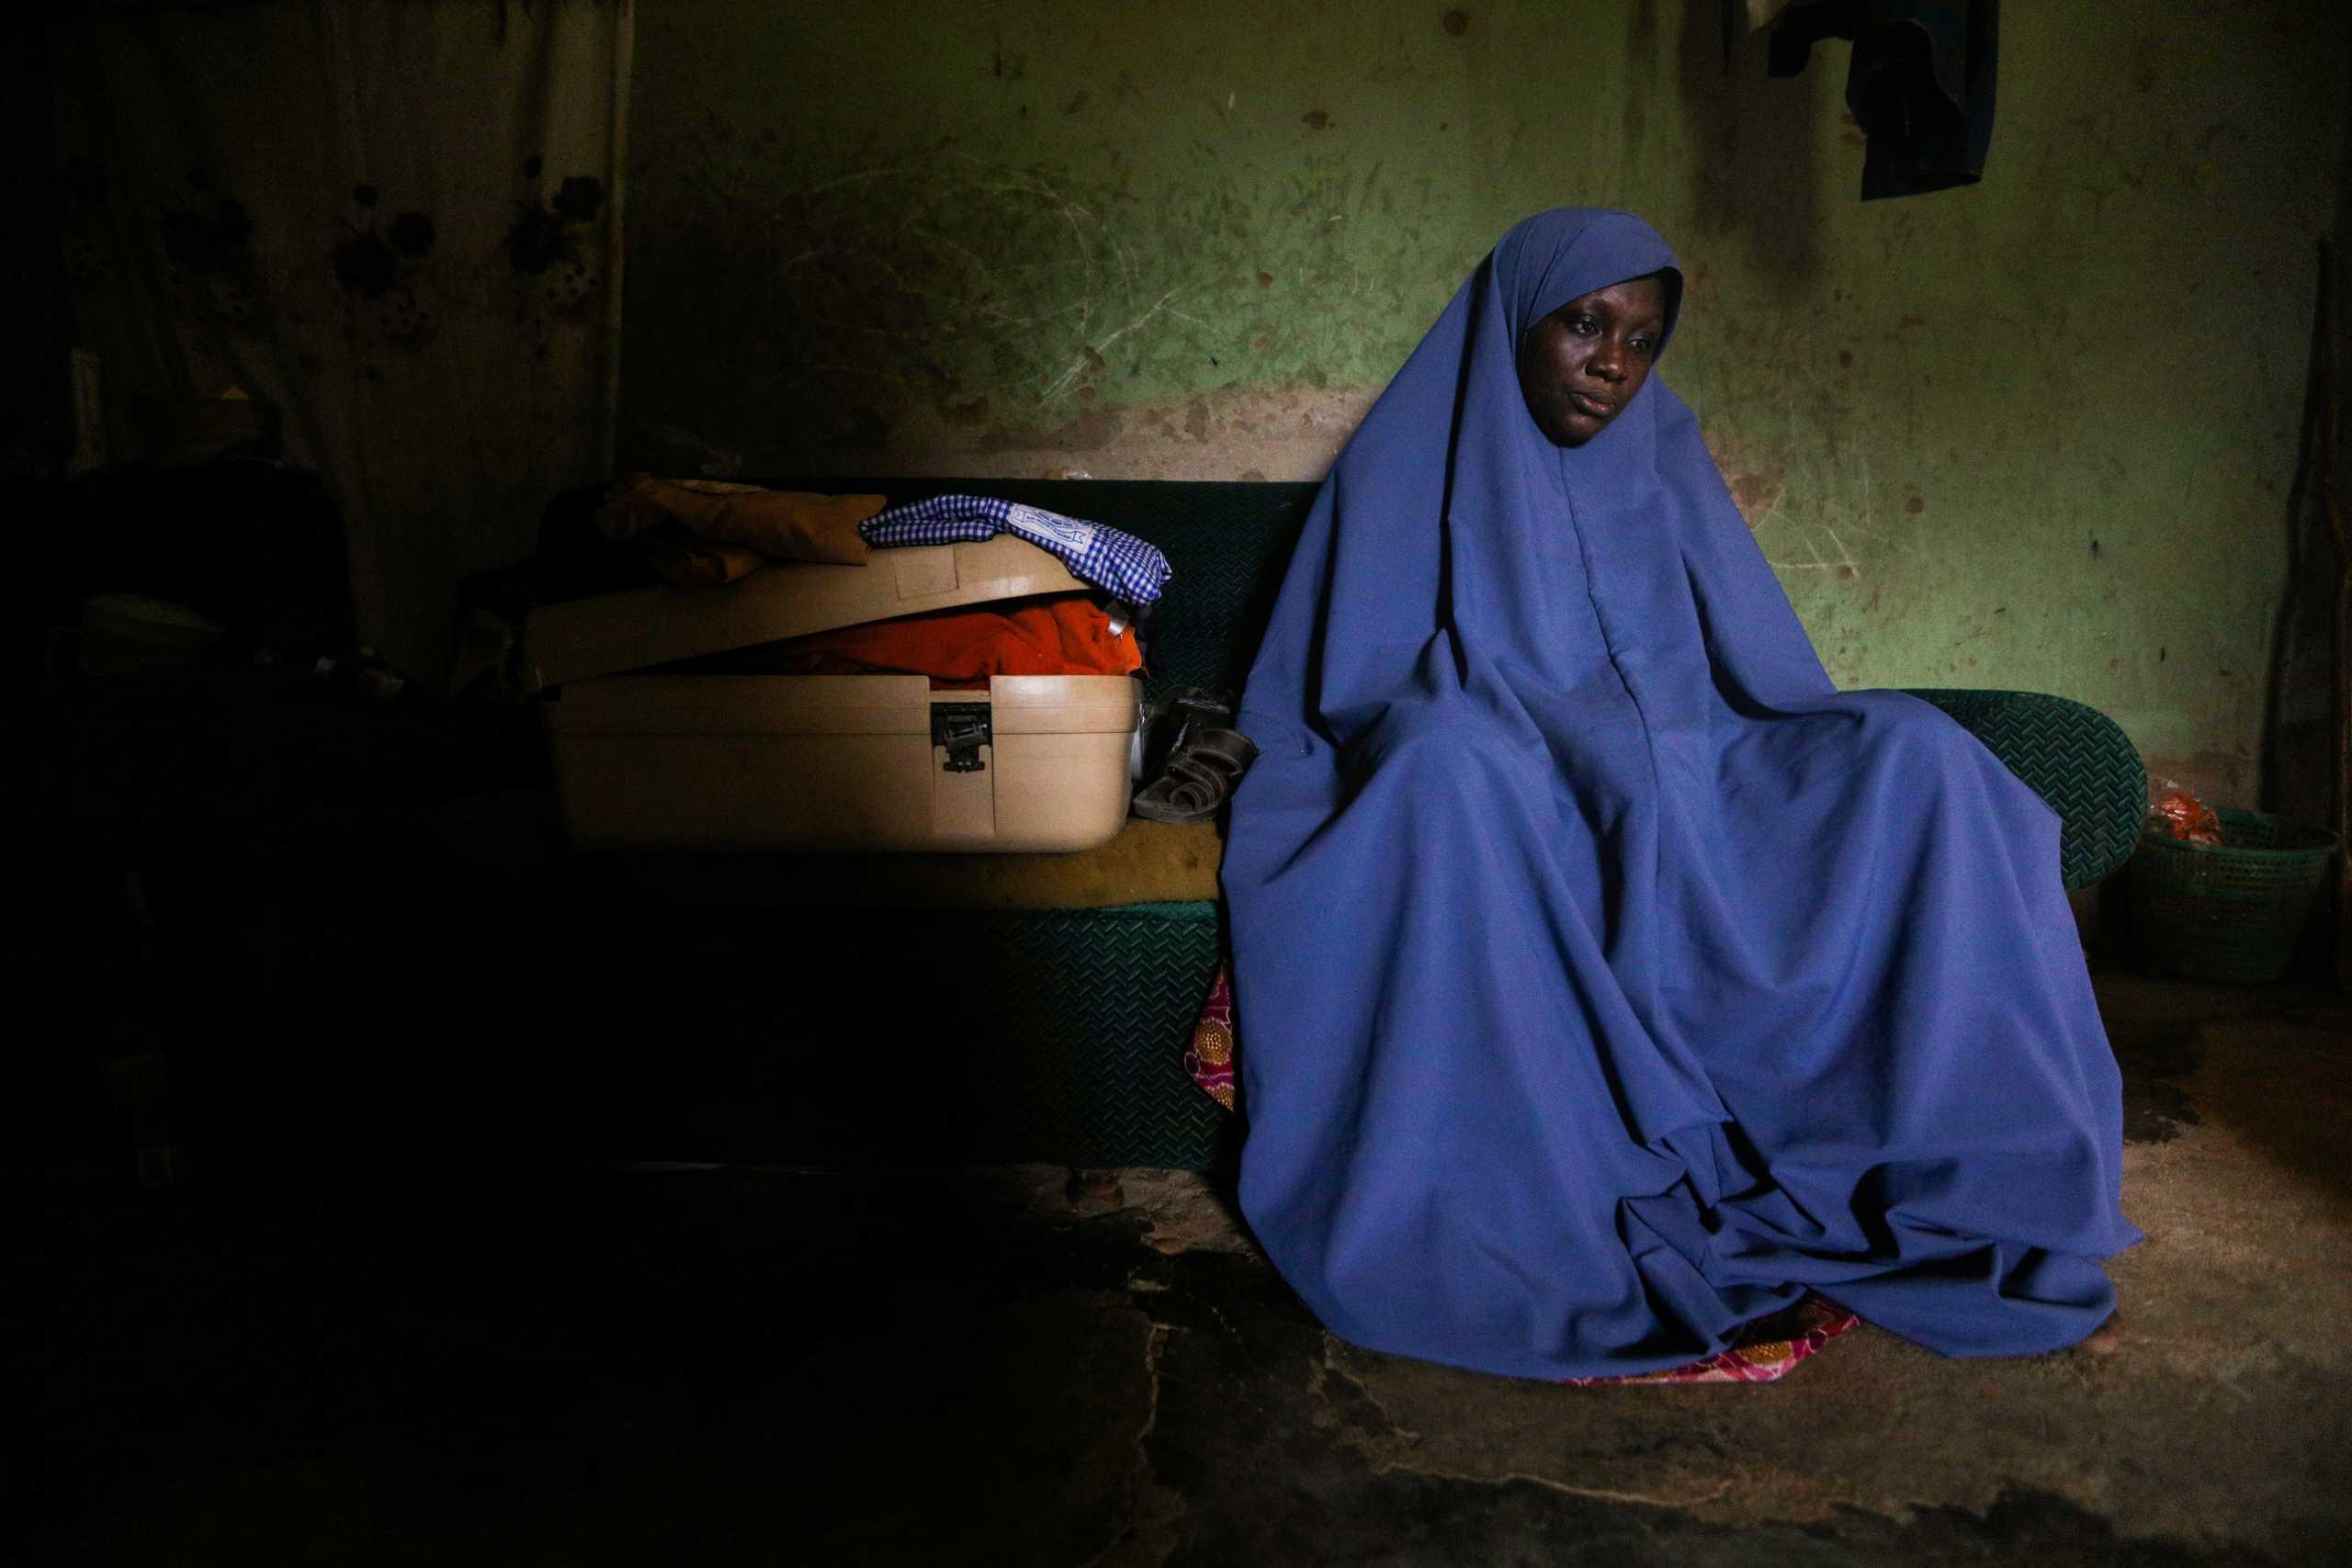 Νιγηρία: Νέα μαζική απαγωγή μαθητών από γυμνάσιο στην Πολιτεία Ζαμφάρα